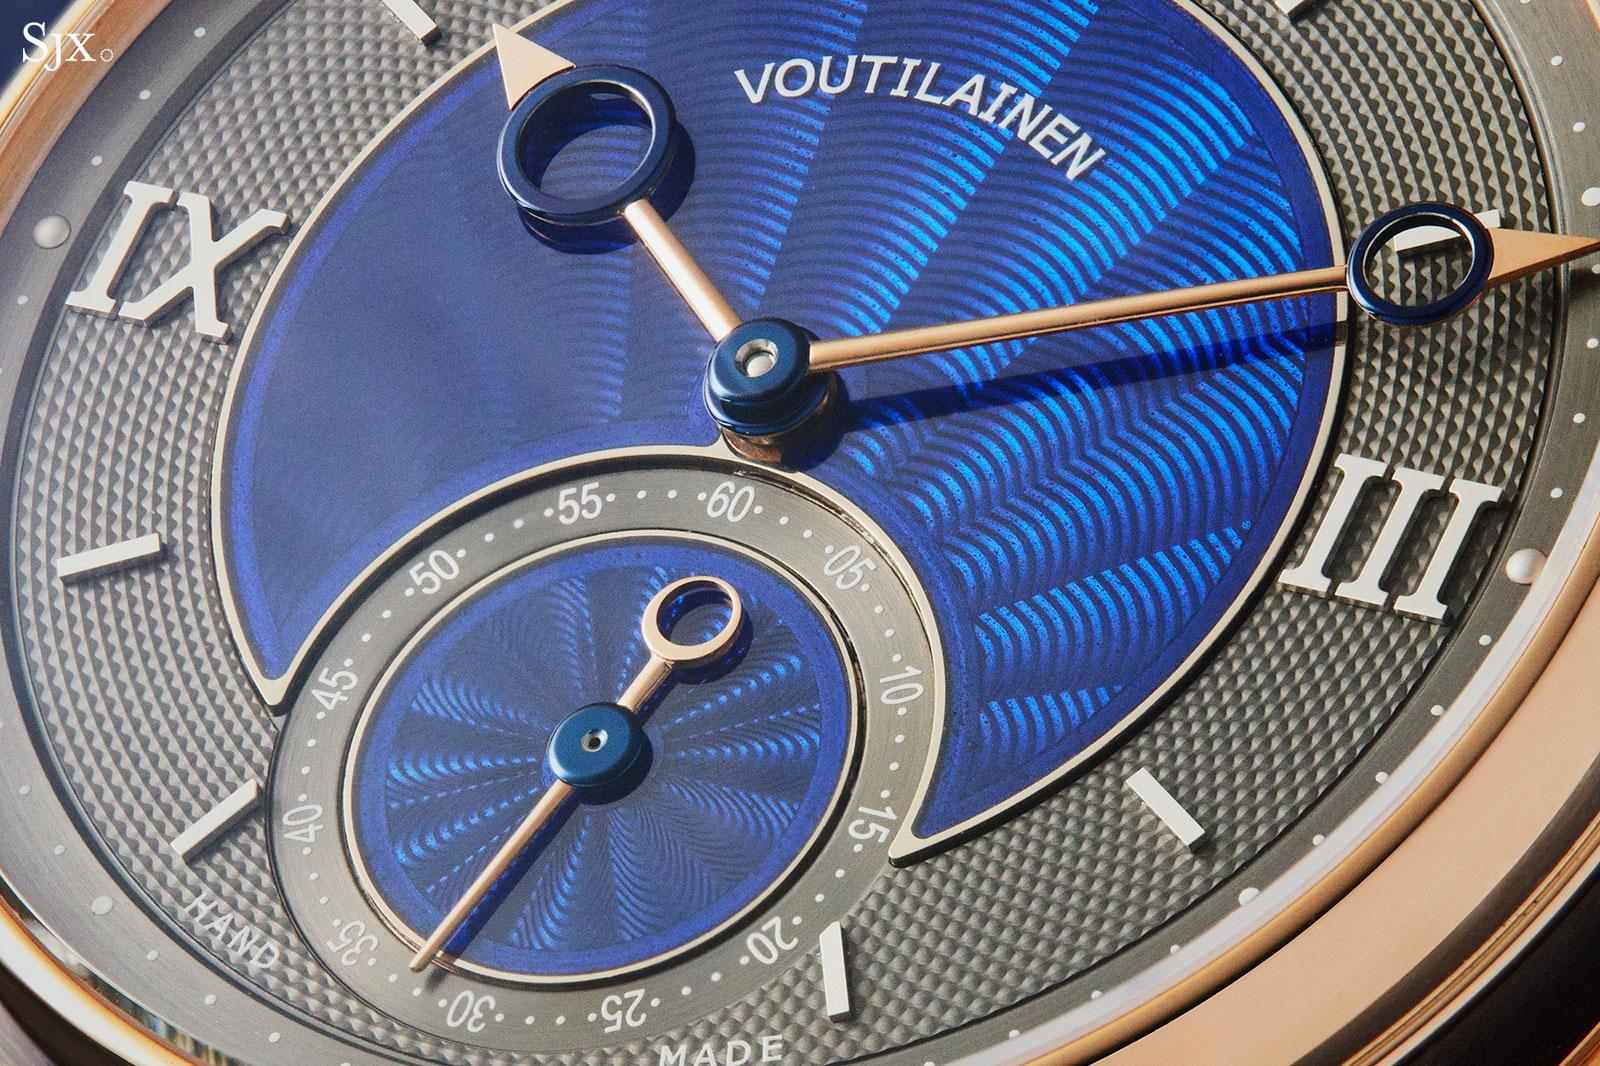 Voutilainen Vingt-8 blue enamel 5